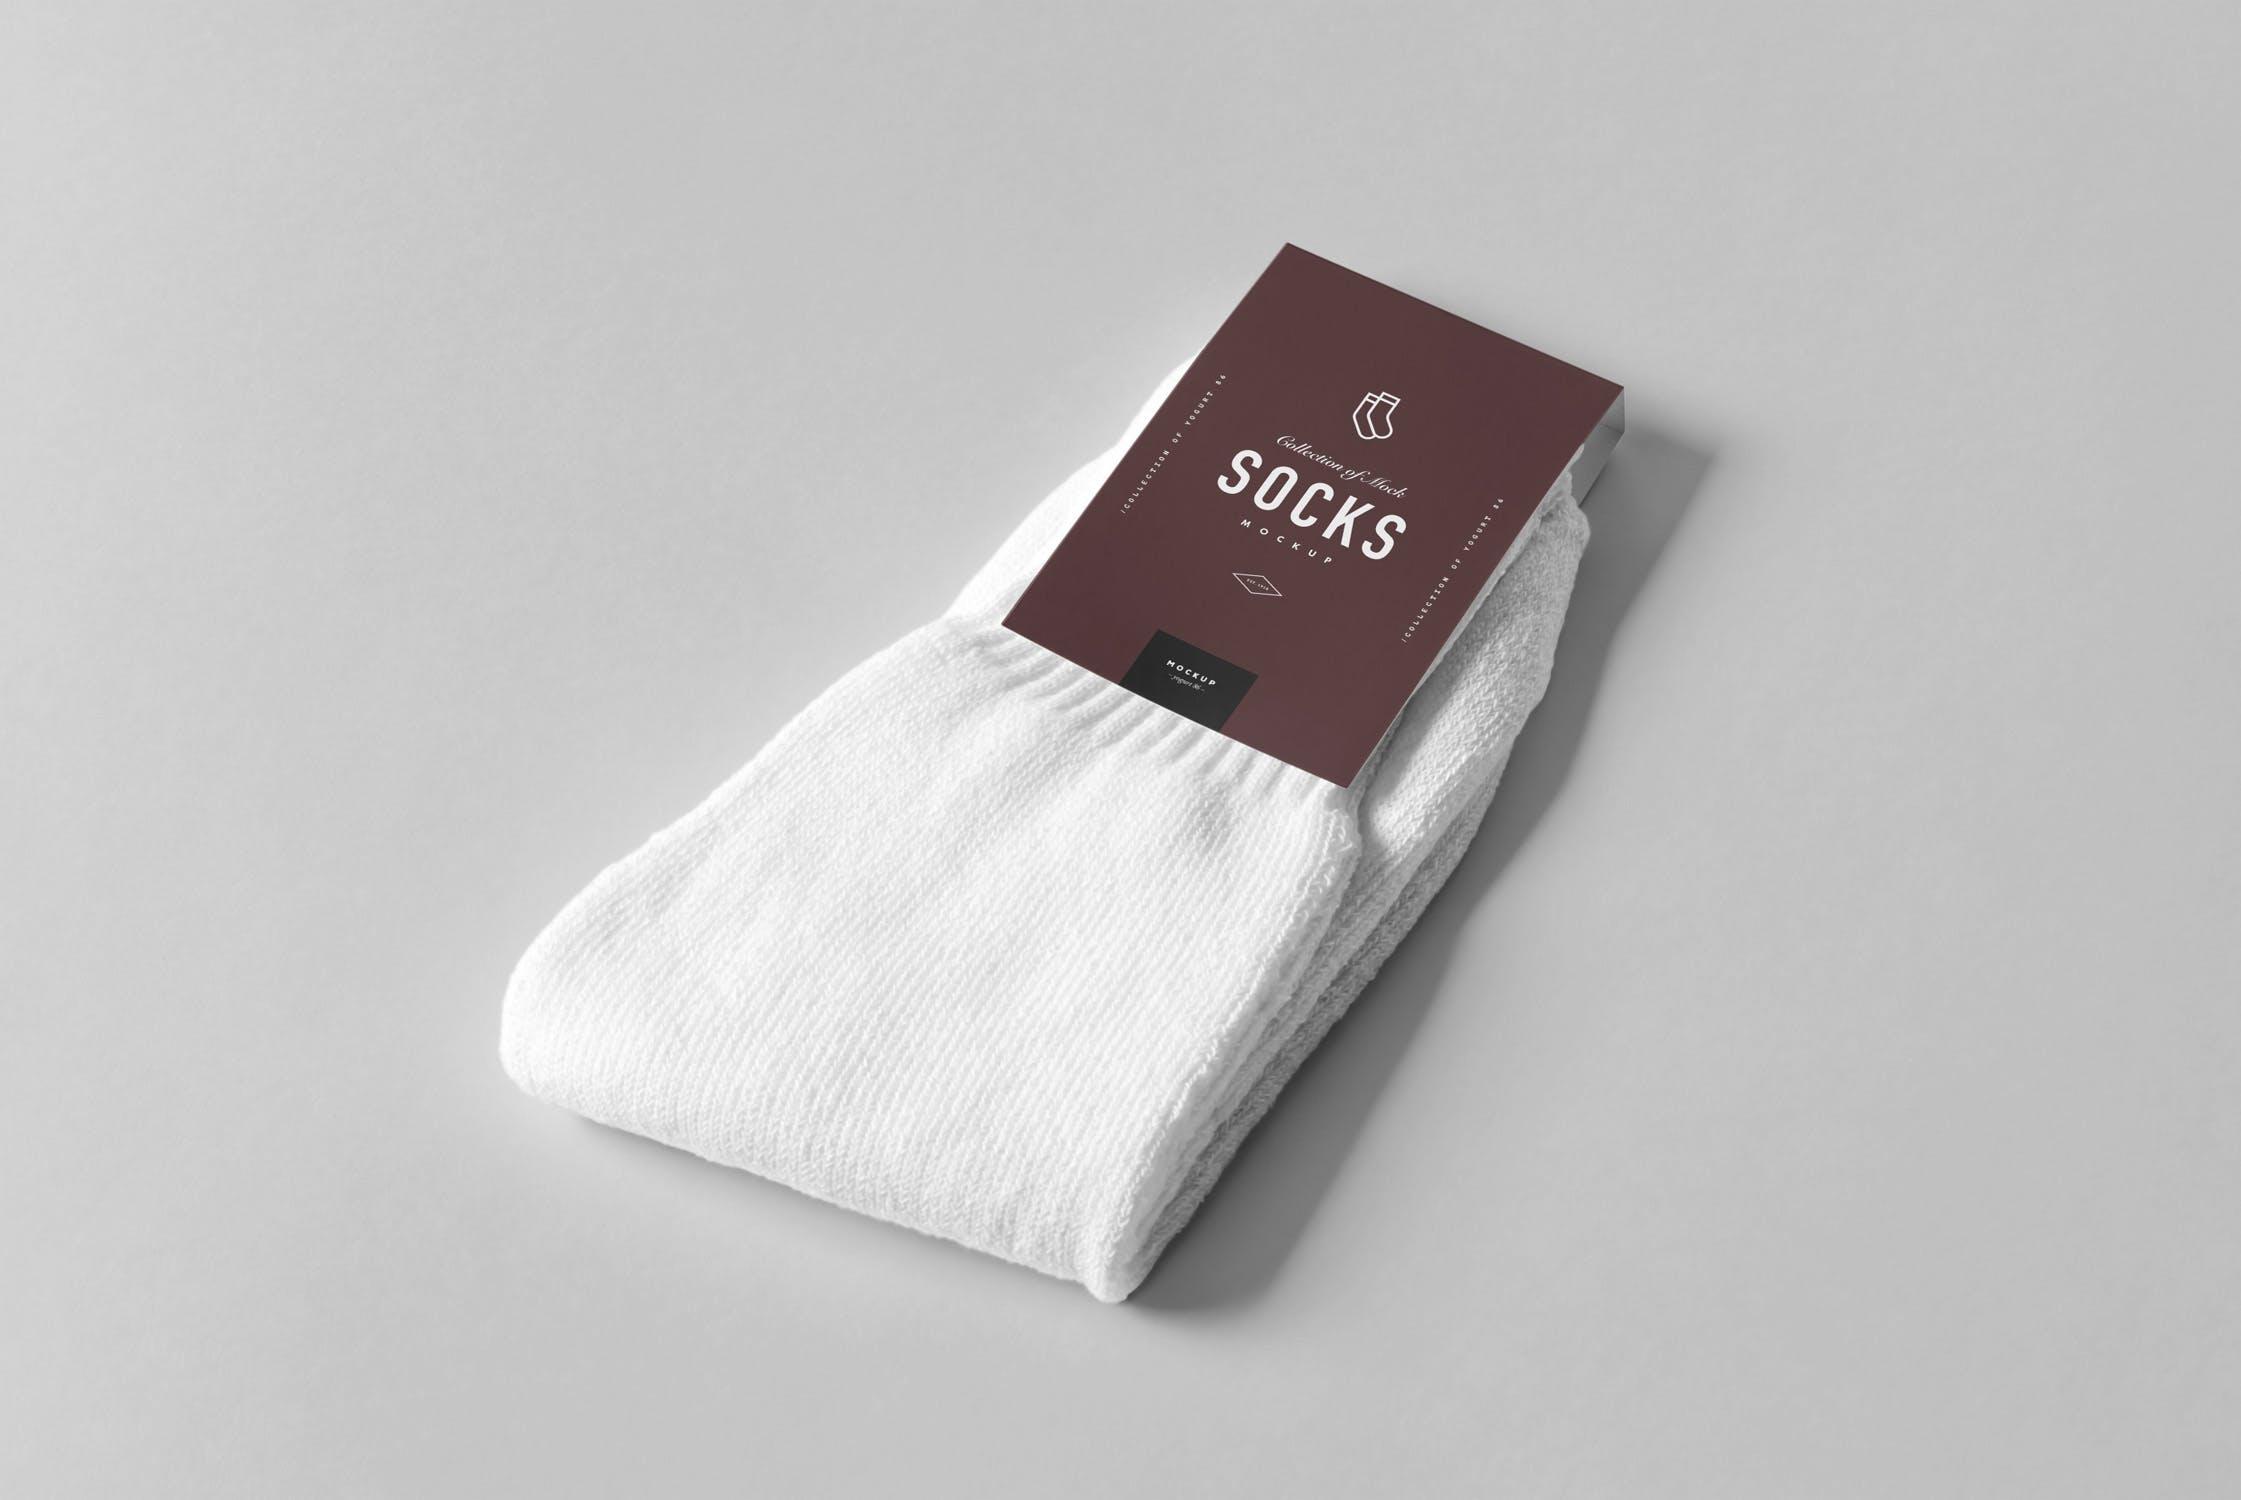 无印风袜子包装样机展示下载Socks Package Mock-up